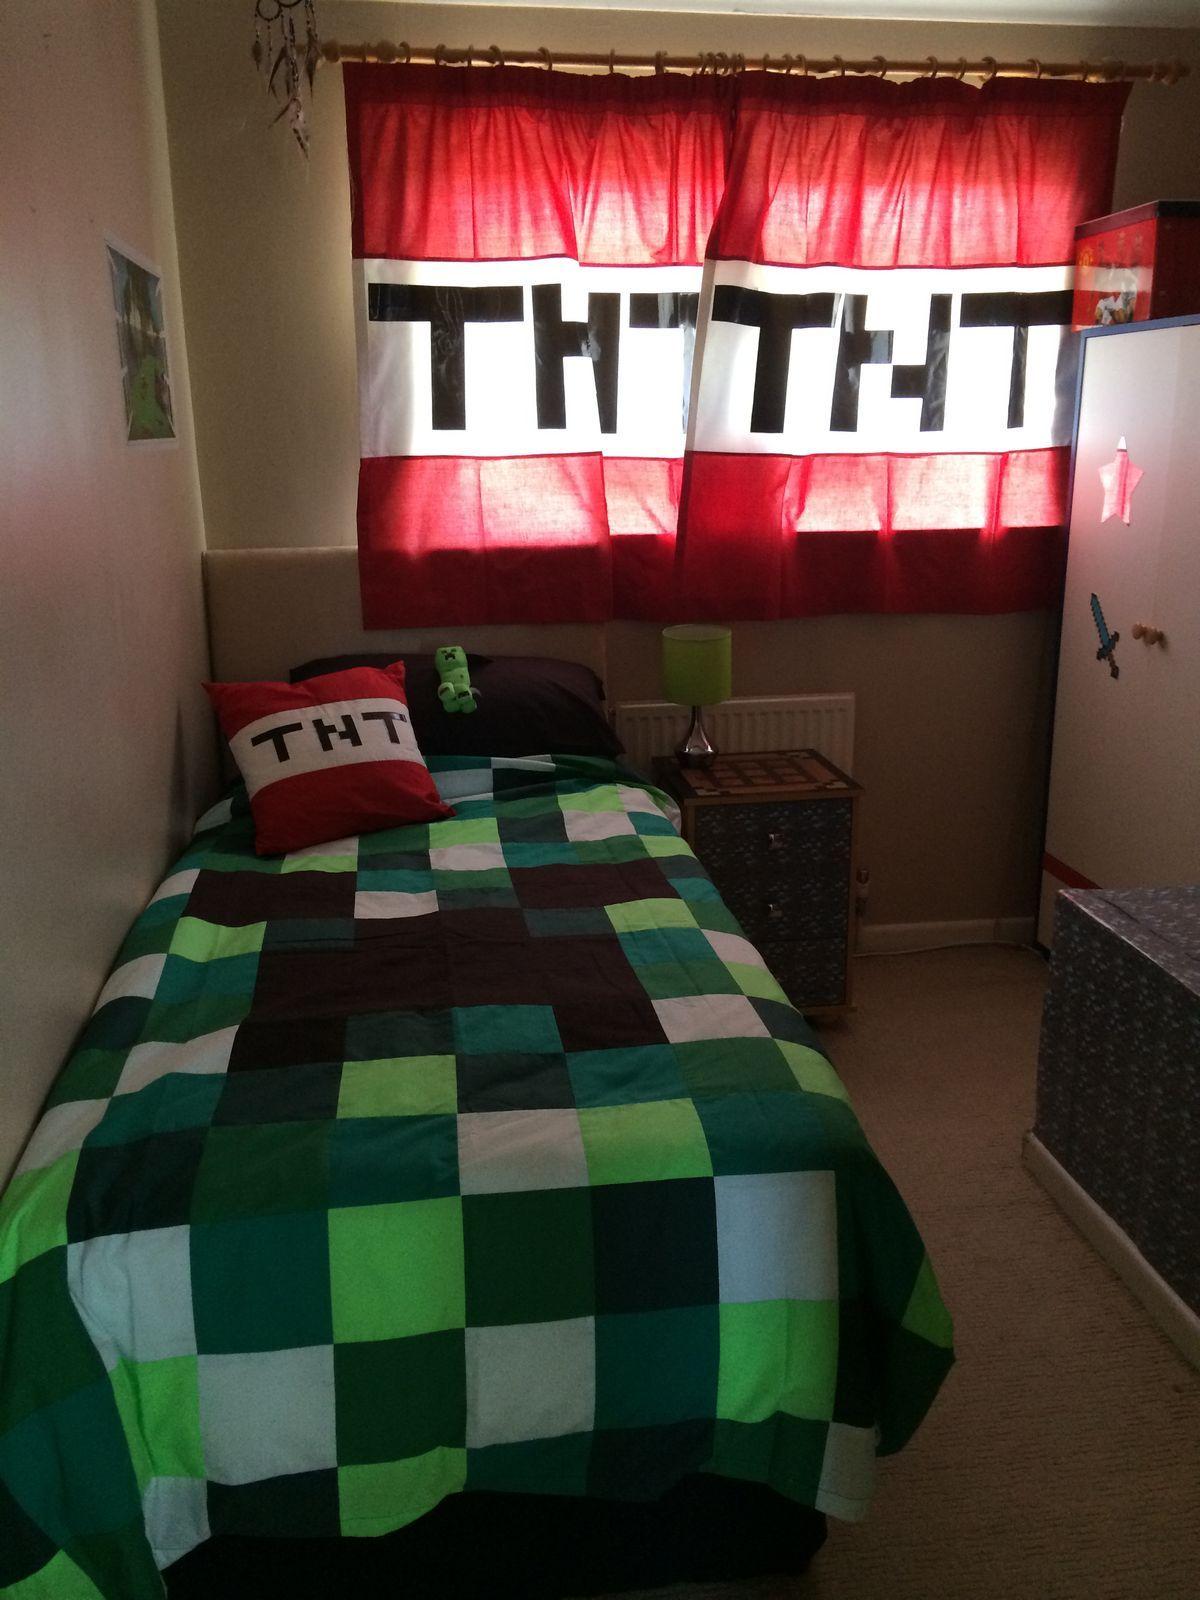 Ae289501345A8Ca09A687F561B8652F0 1200×1600 Pixels  Kids Stunning Minecraft Interior Design Bedroom 2018